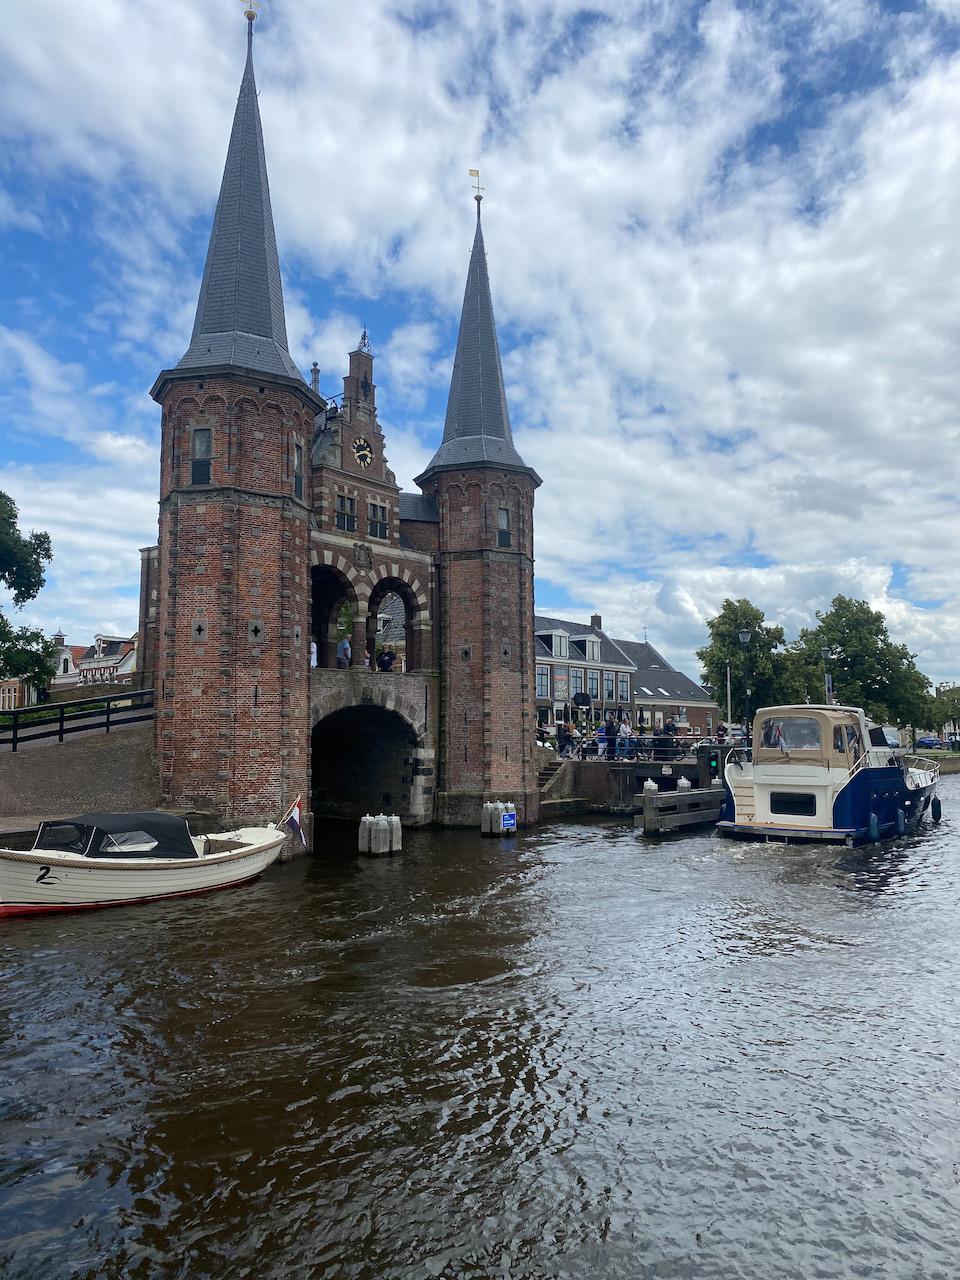 Vaarvakantie in Friesland - vaarroute voor 1 week  - Sneek